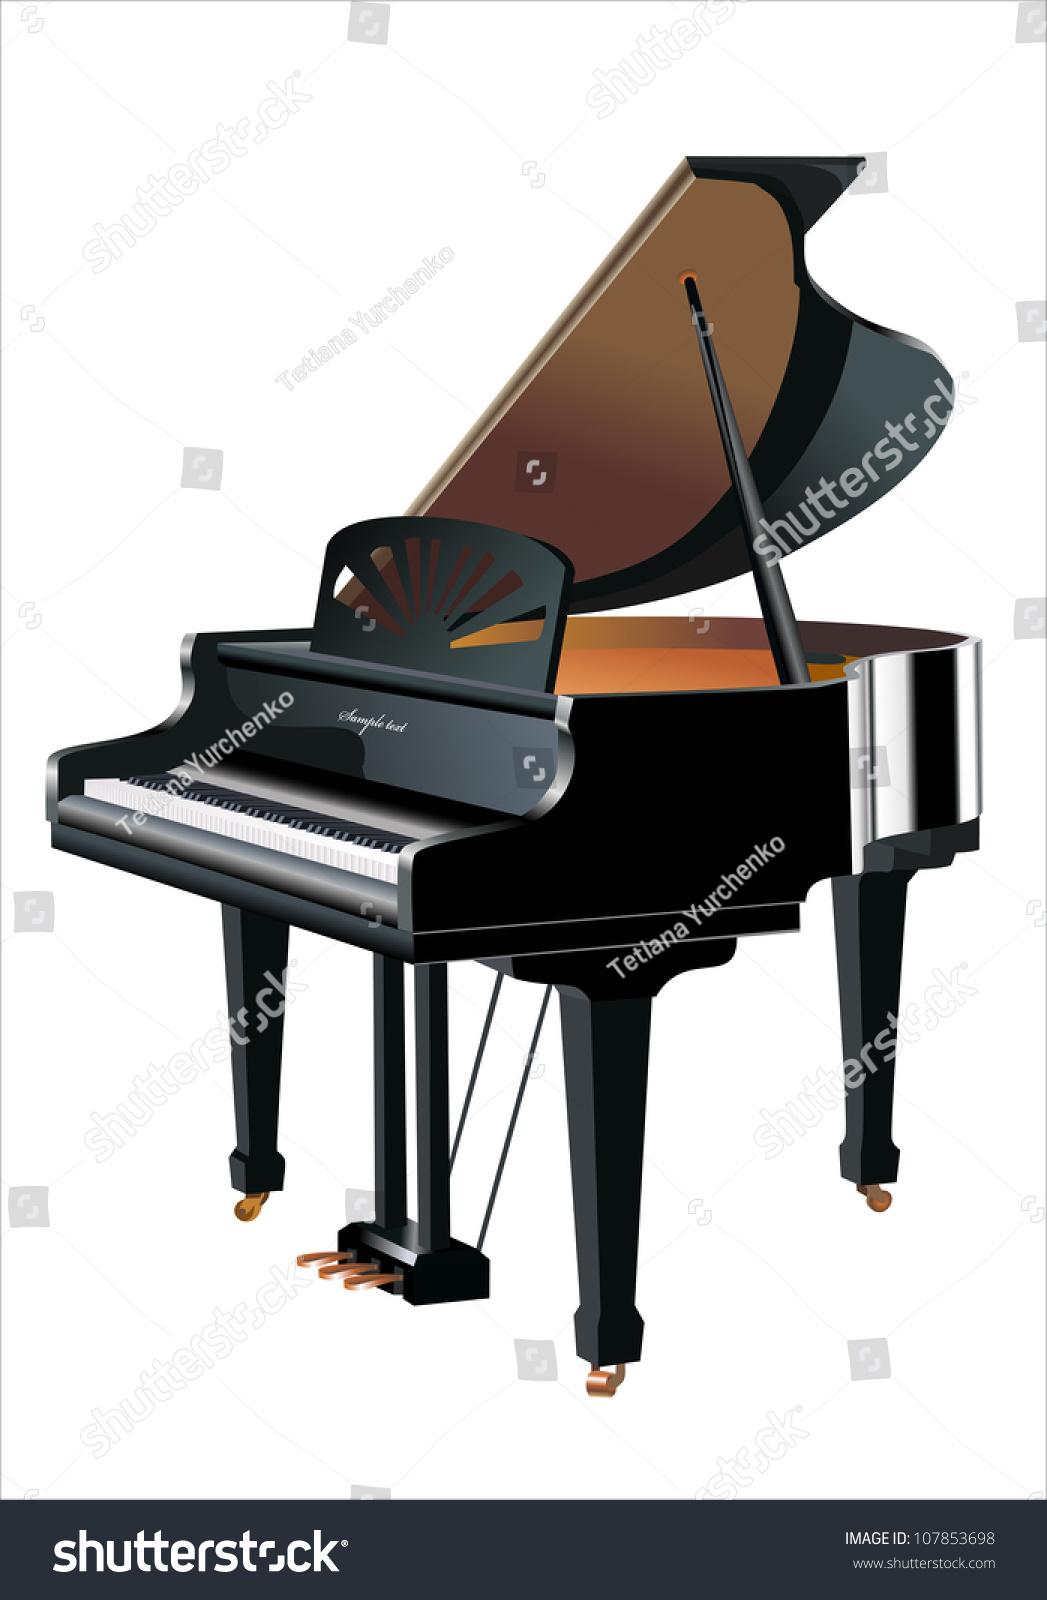 钢琴-物体,科技-海洛创意(hellorf)-shutterstock中国